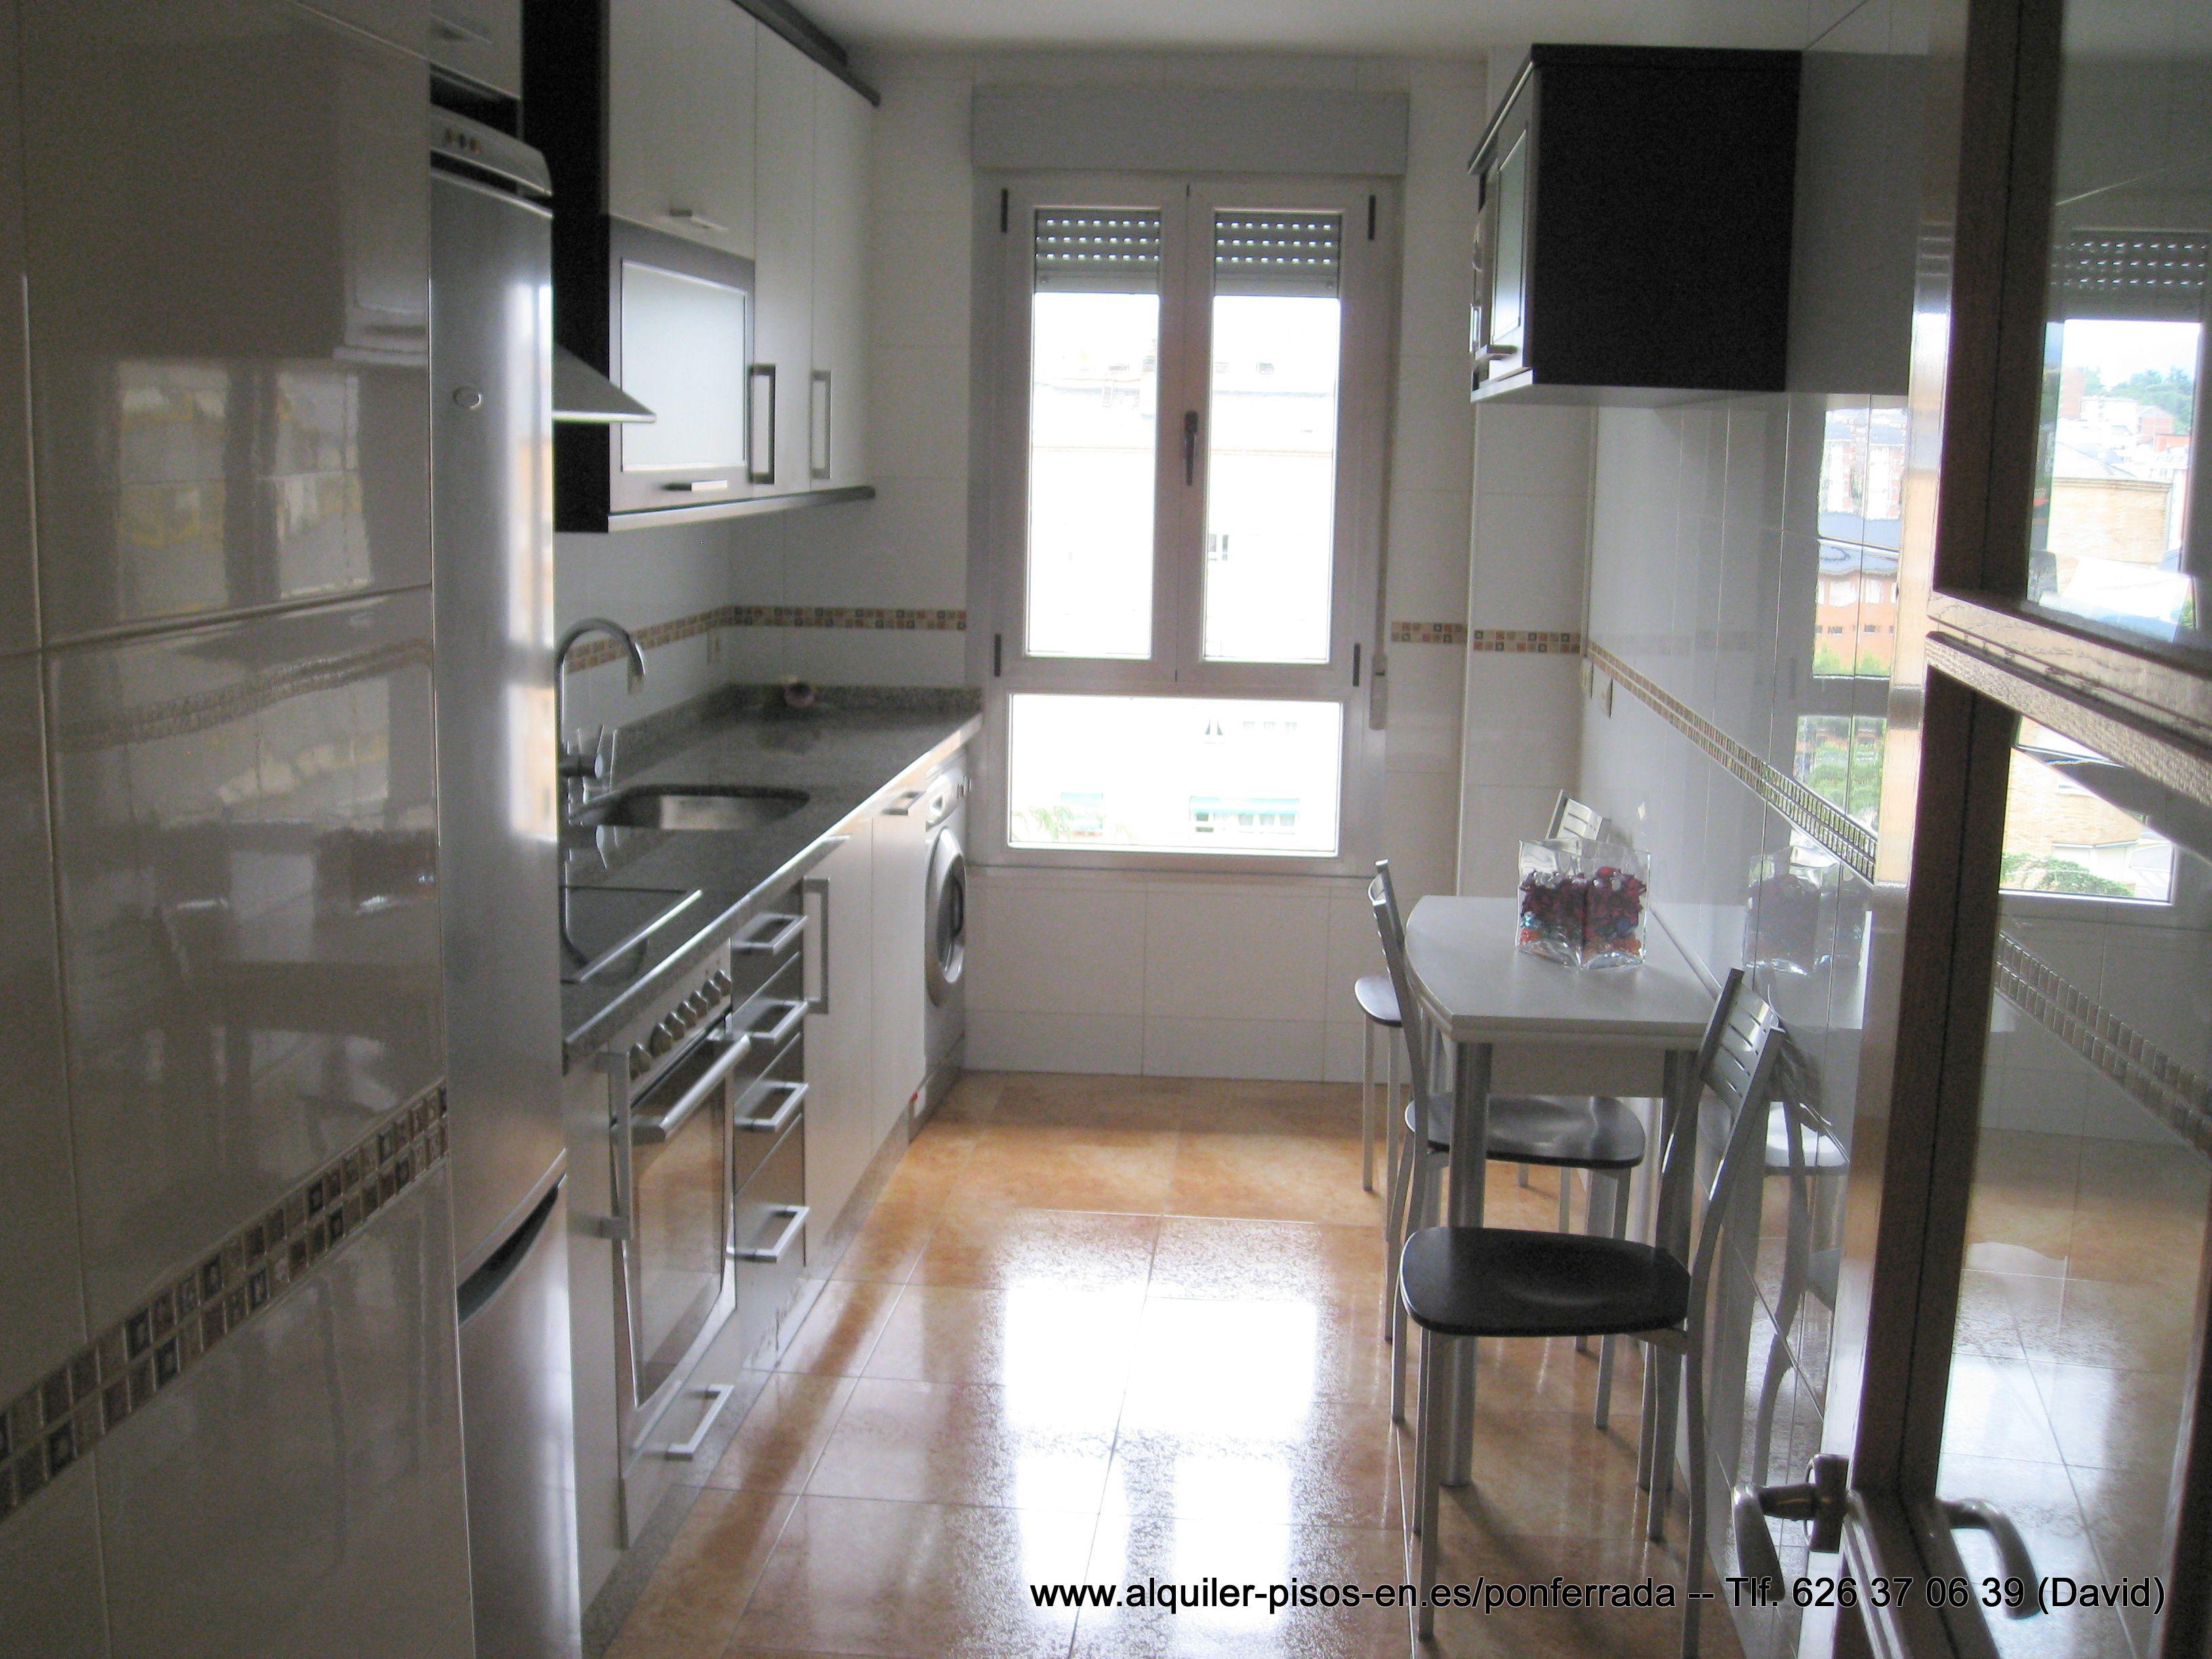 Alquiler de pisos en el centro de ponferrada for Pisos alquiler ponferrada